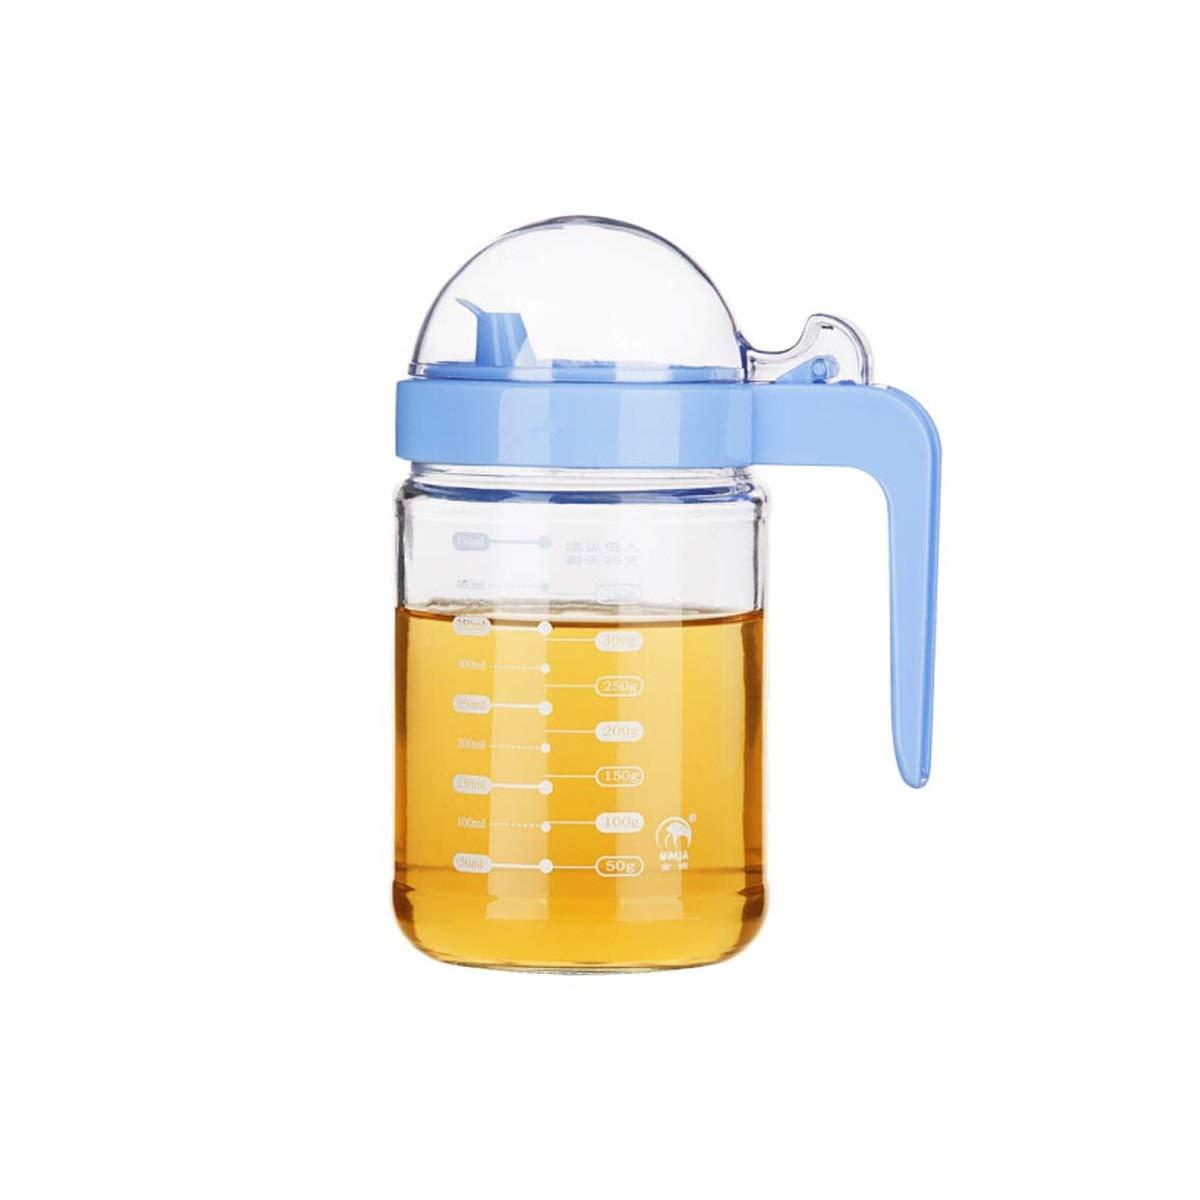 WENPINHUI 500ML leakproof glass oil pot seasoning jar soy sauce vinegar bottle (Capacity : 500ml) by WENPINHUI